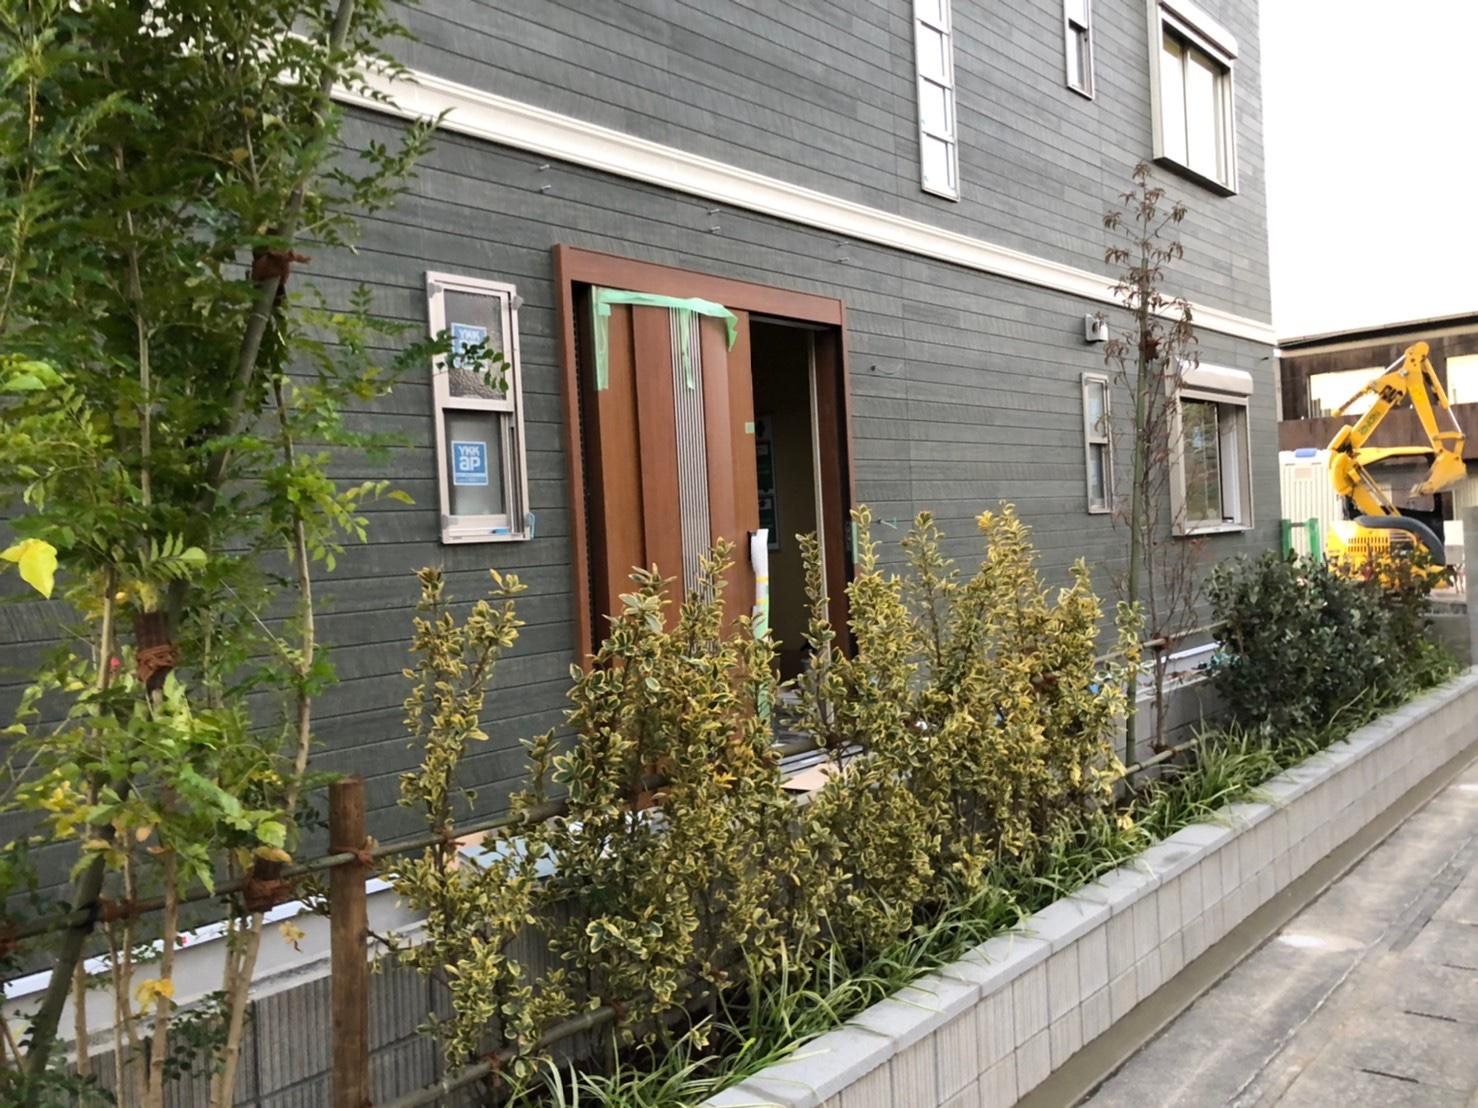 U様邸(名古屋市)エクステリア事例